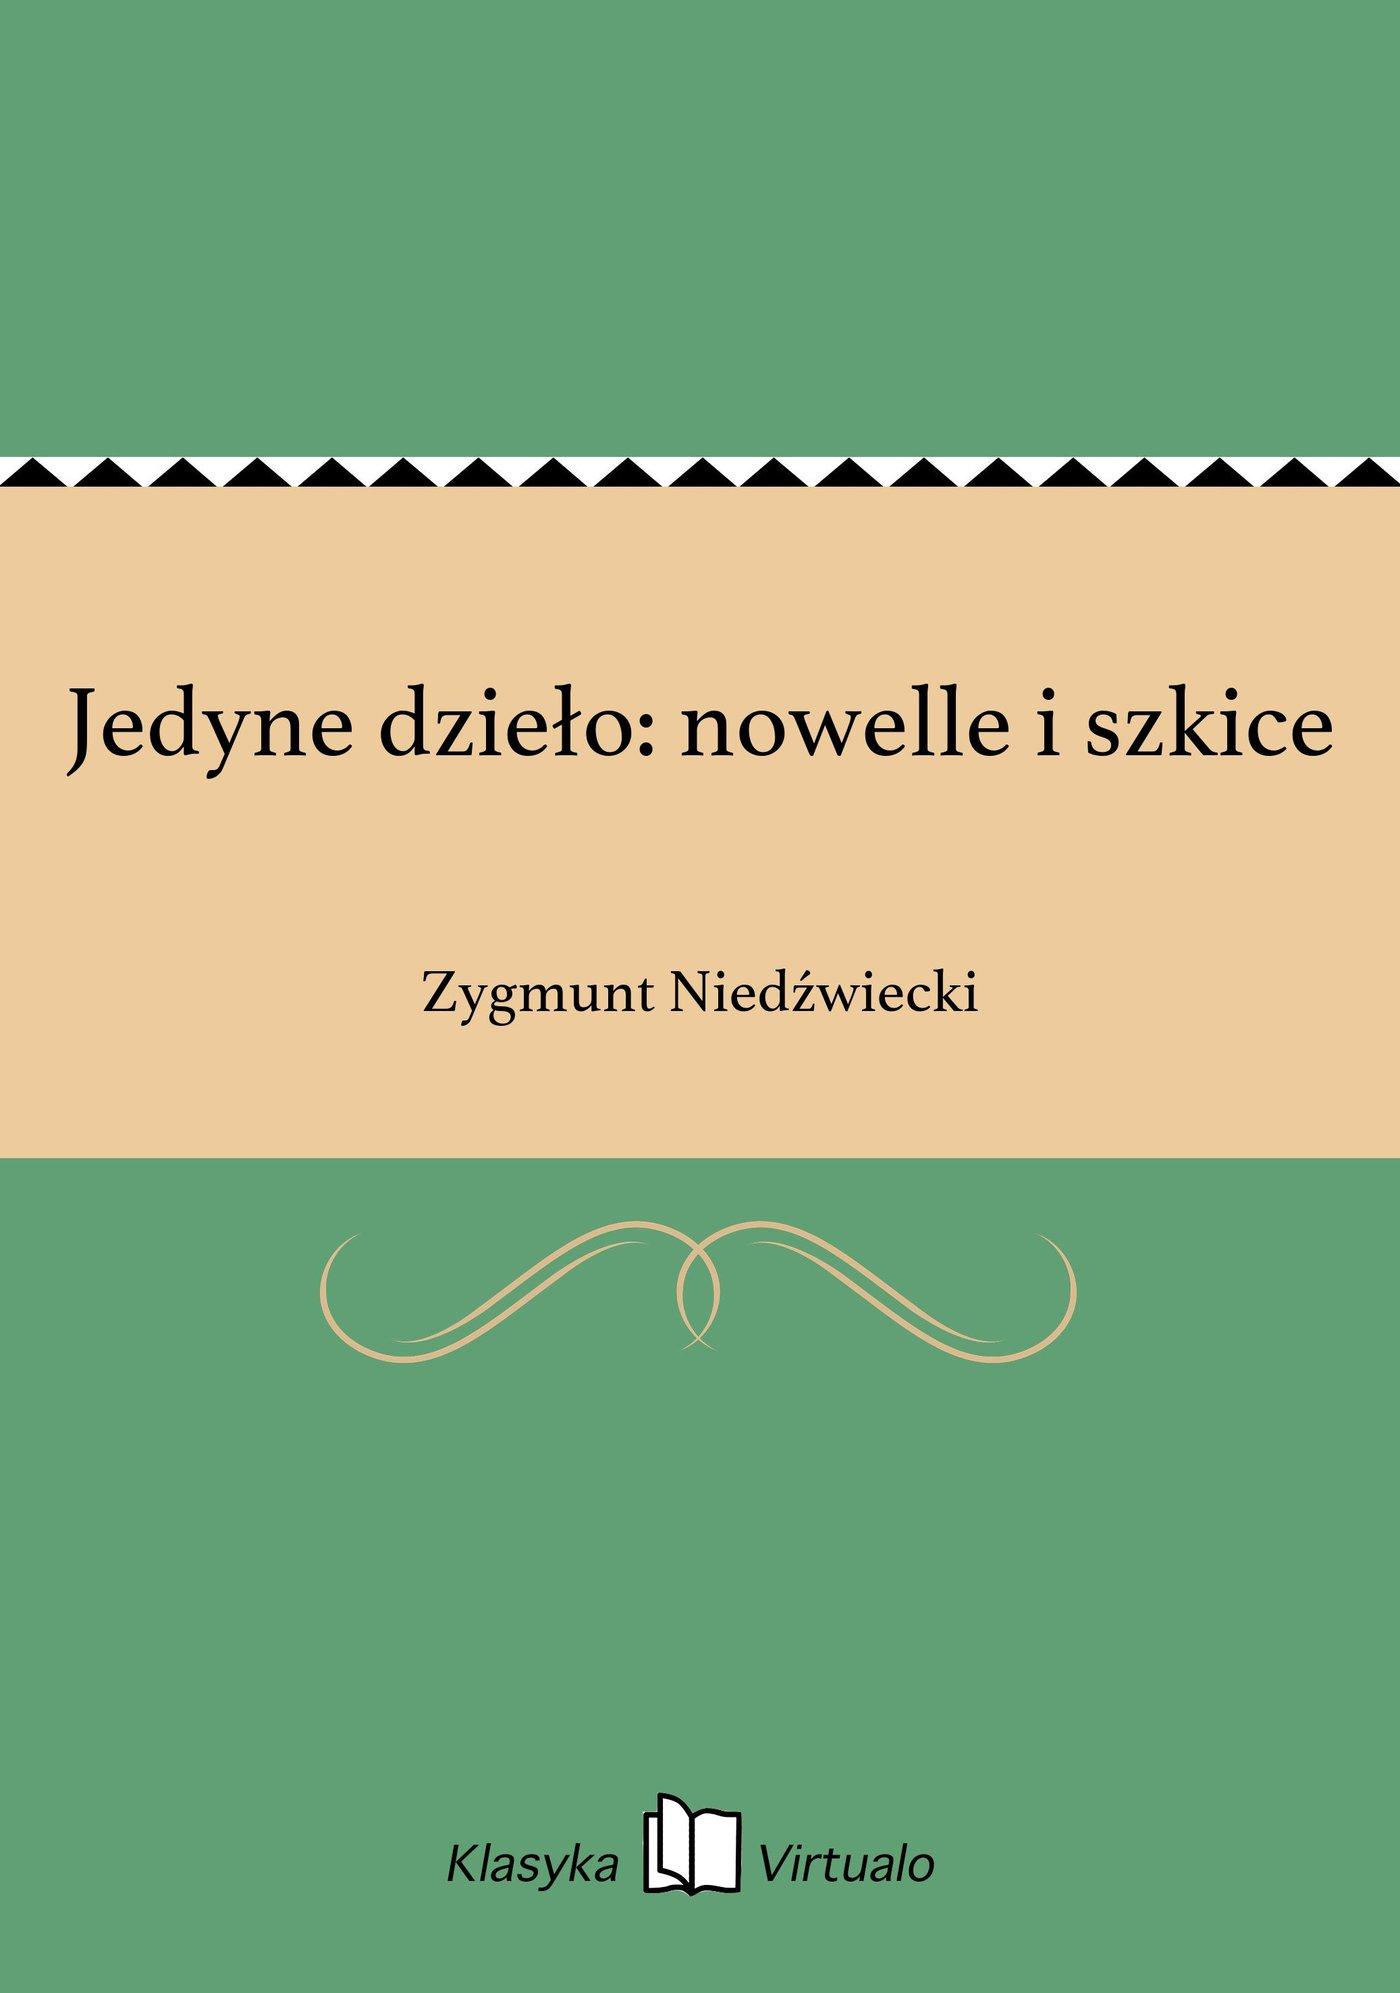 Jedyne dzieło: nowelle i szkice - Ebook (Książka na Kindle) do pobrania w formacie MOBI